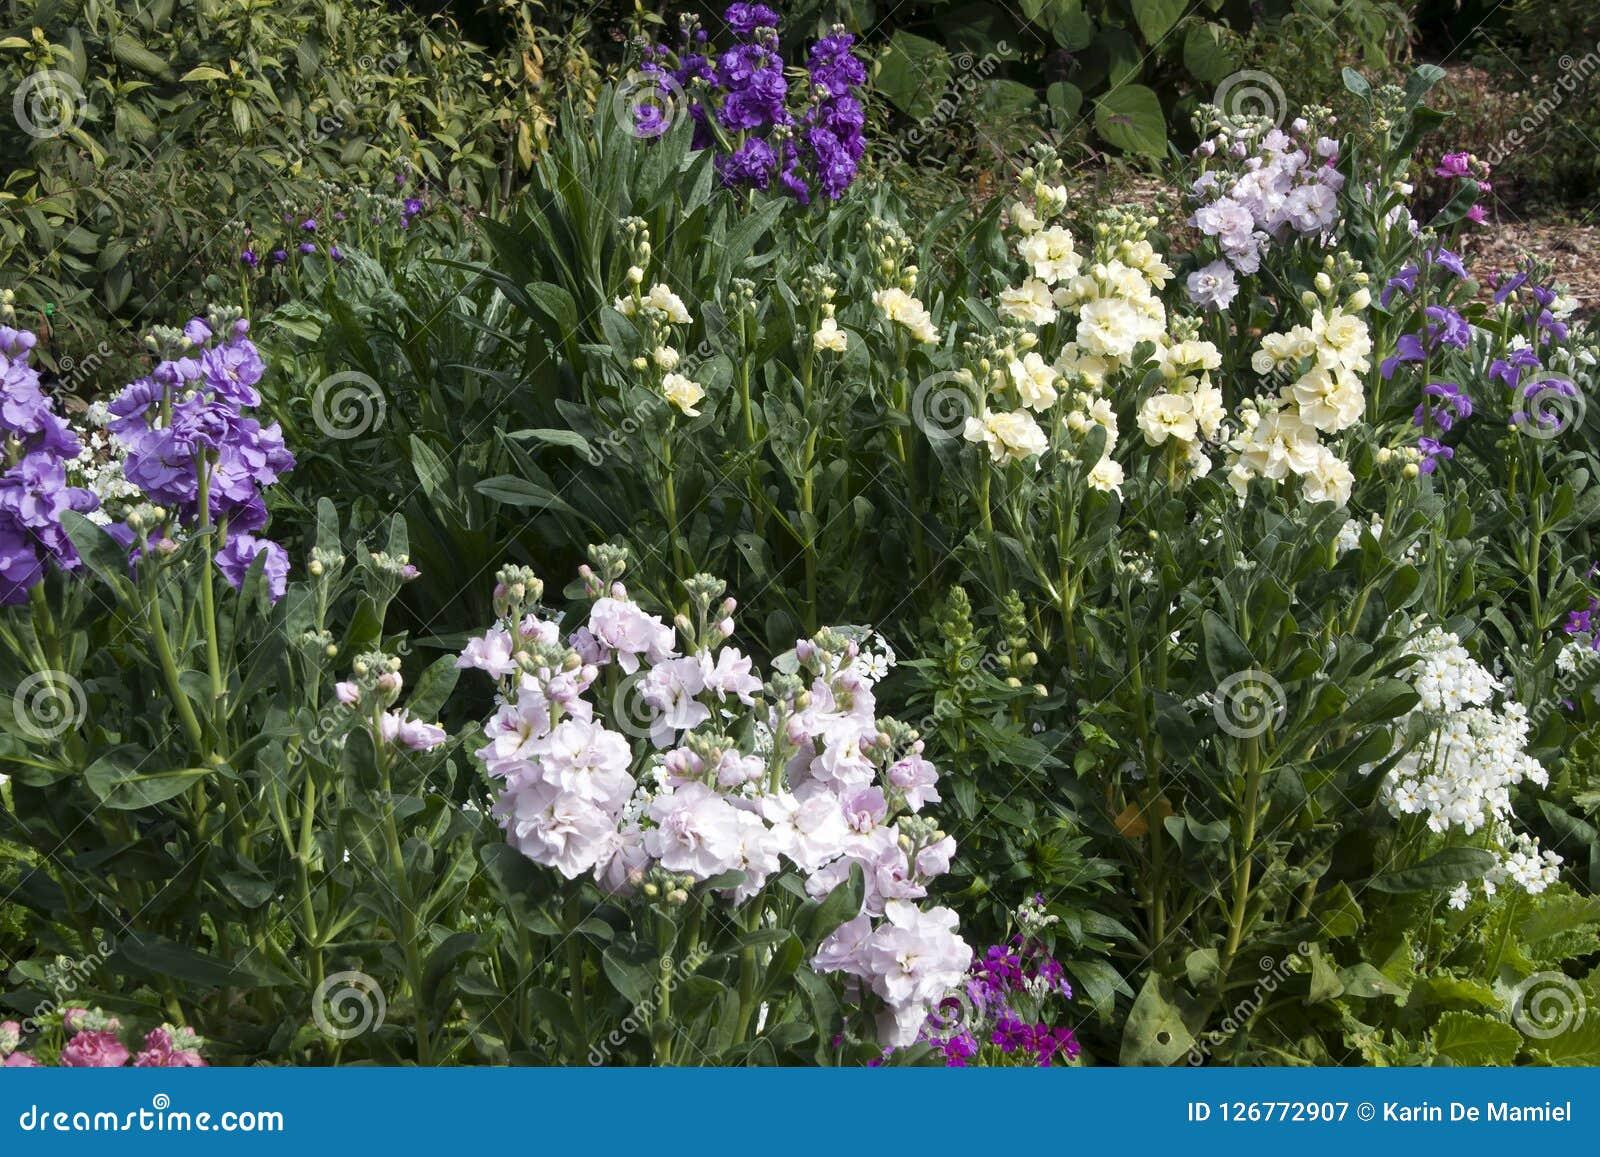 De voorraadbloemen zijn uit, is de lente op zijn manier